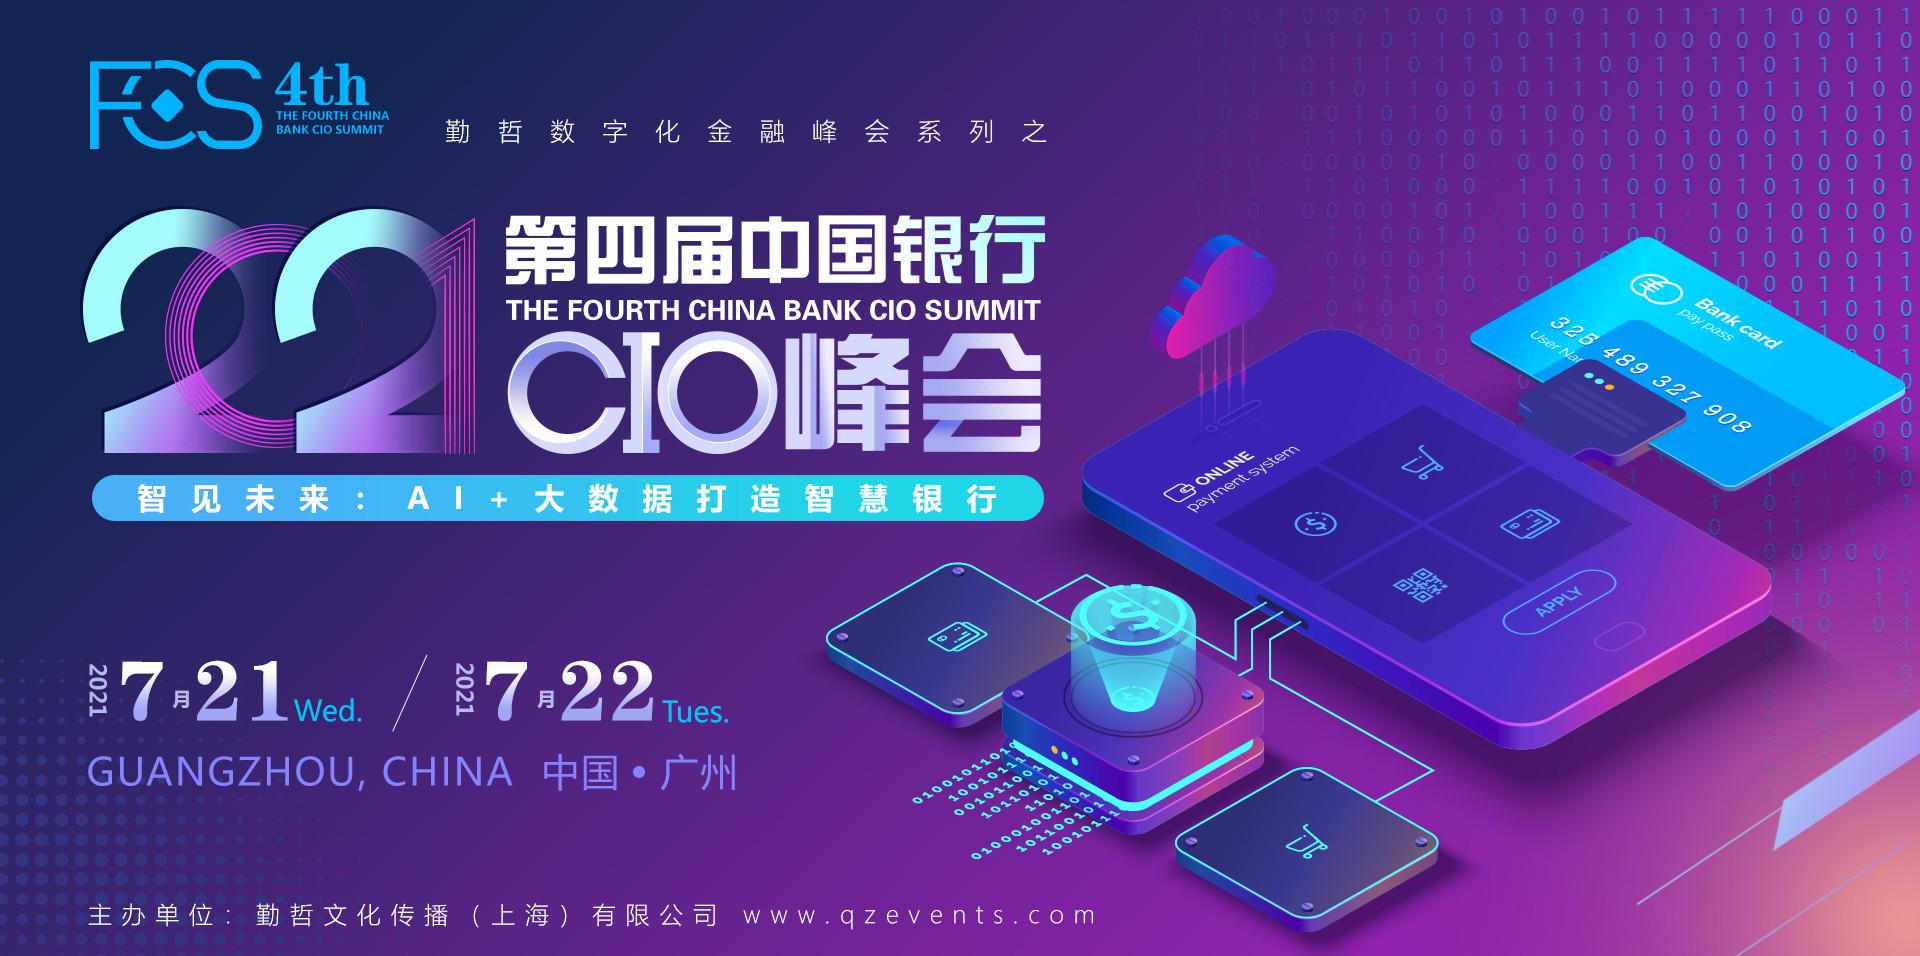 FCS 2021第四届中国银行CIO峰会